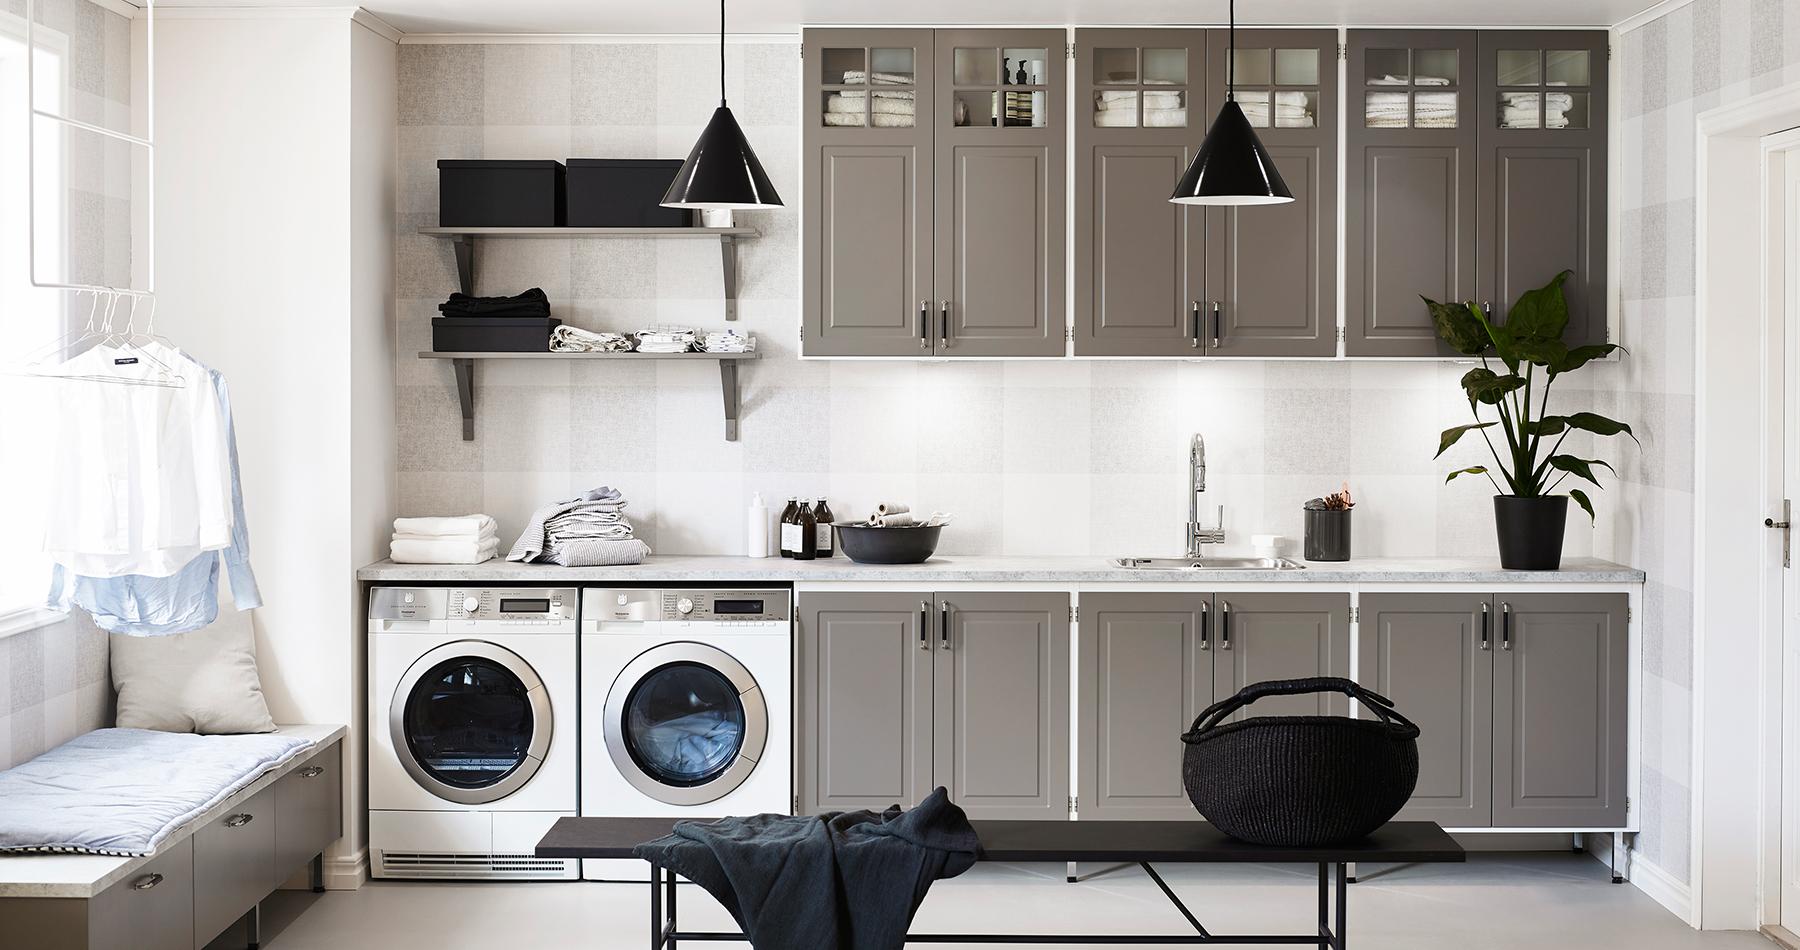 Så blir tvätten ett rent nöje - Nytt kök badrum och tvättstuga ...